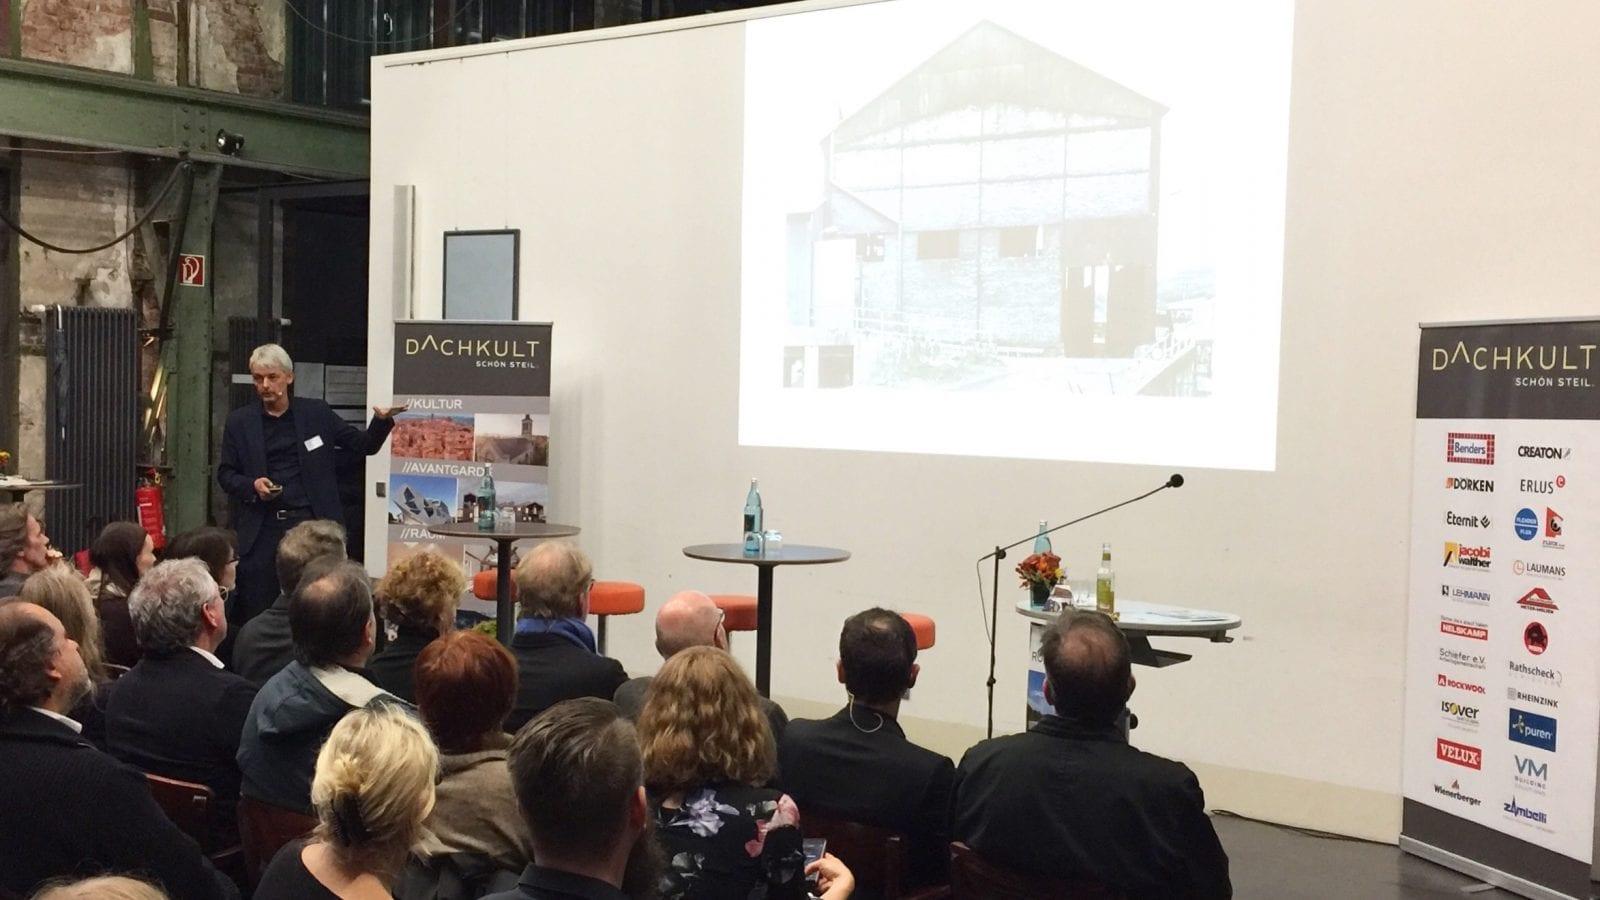 Architekt Achim Pfeiffer während seines Vortrags bei den Dachkult-Rooftop Talks #7 in Bochum (Foto: Eric Sturm)